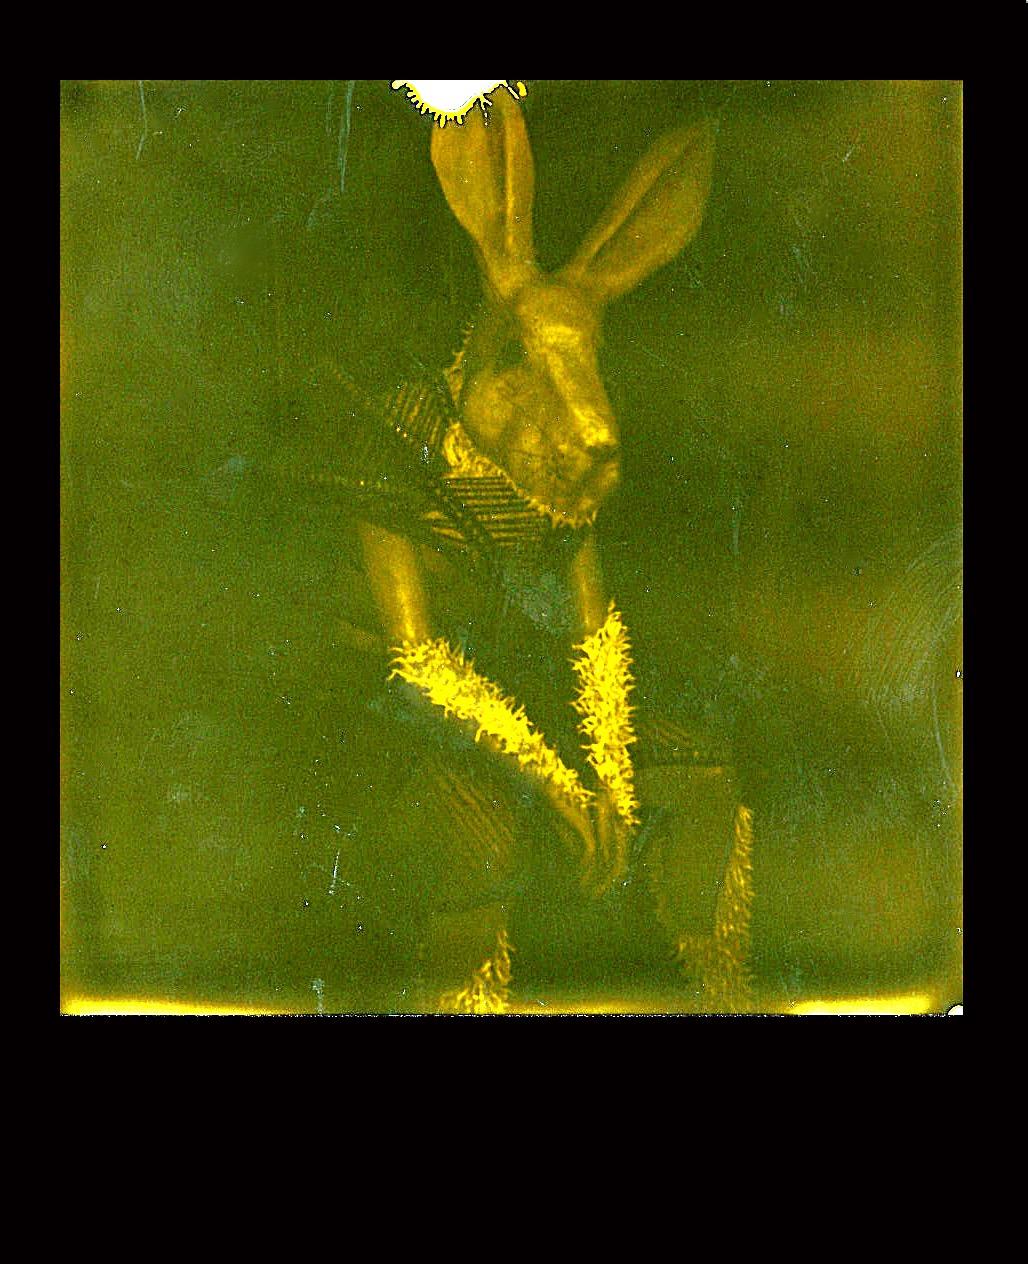 Tulio's Rabbit